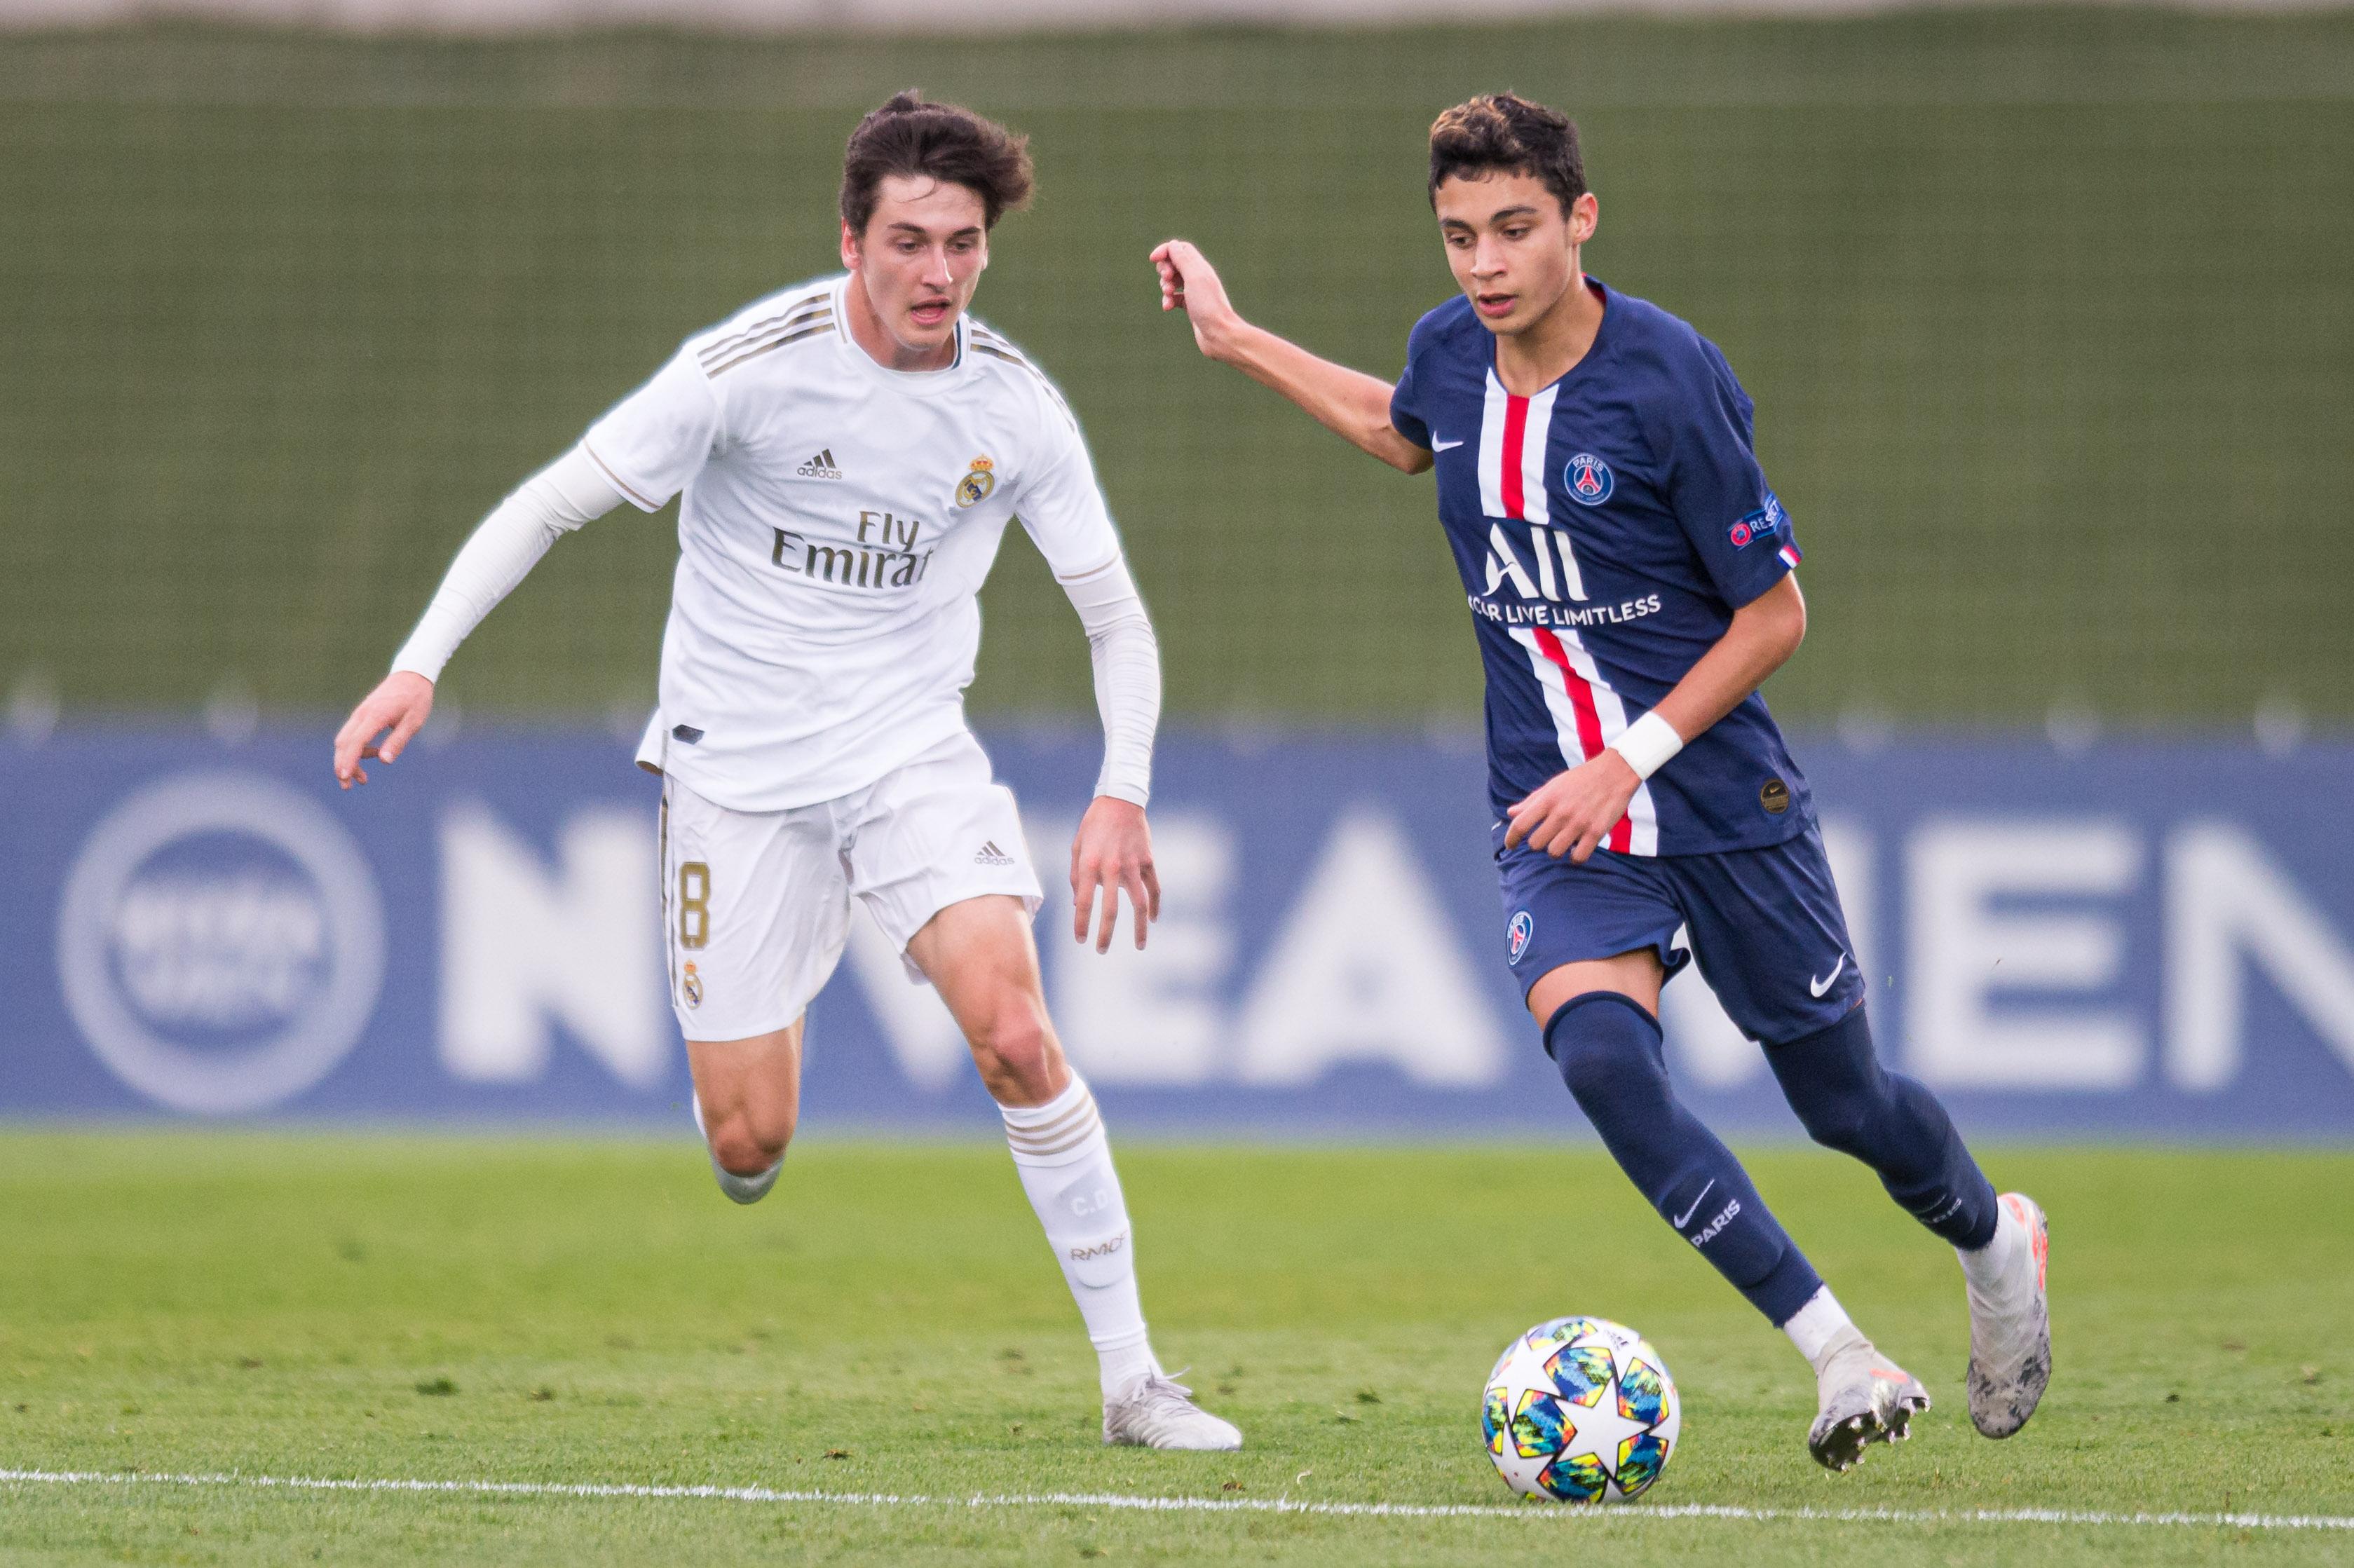 Real Madrid v Paris Saint-Germain - UEFA Youth League